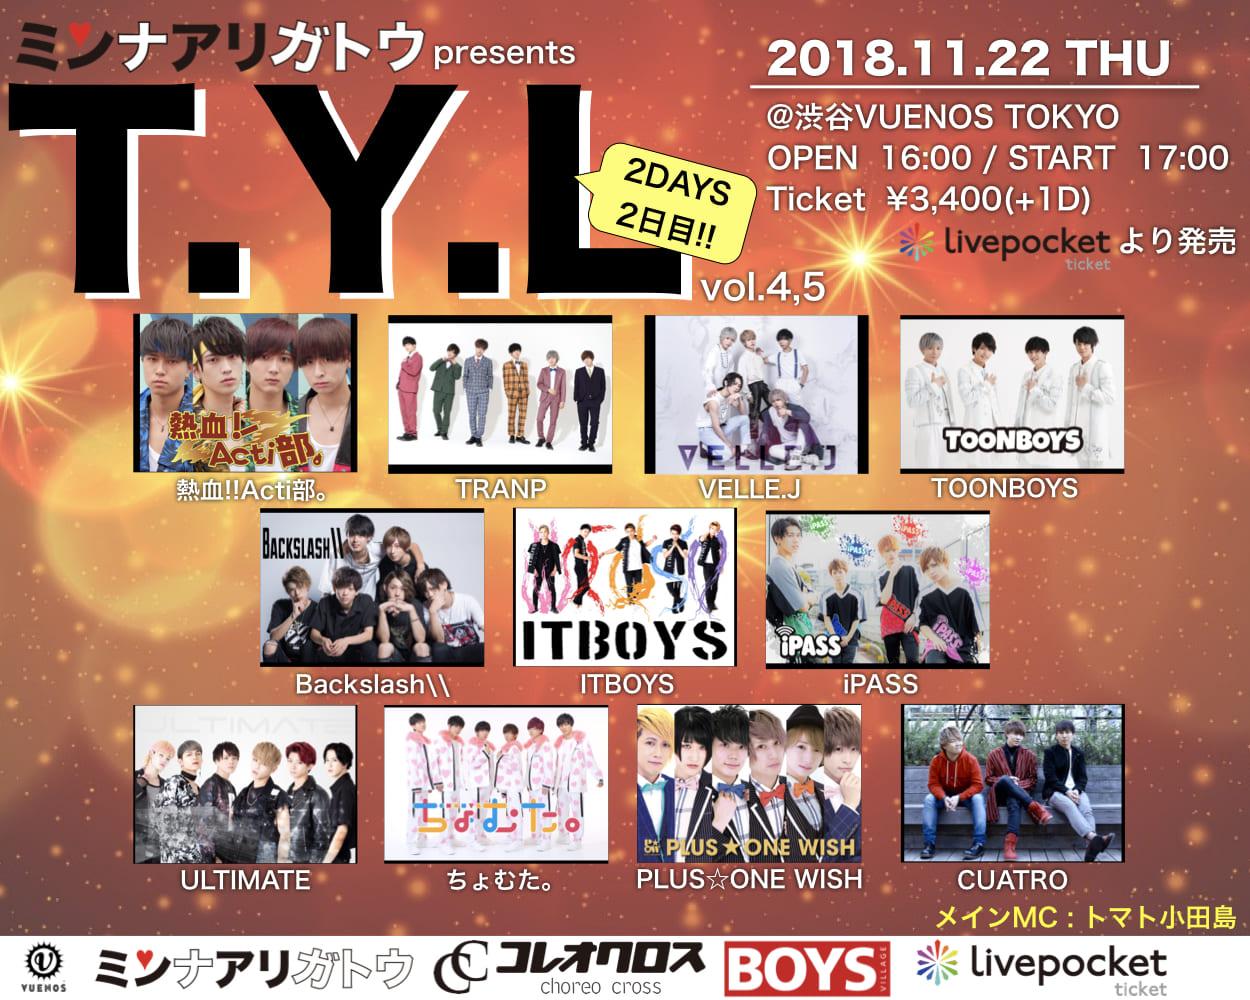 """ミンナアリガトウpresents「T.Y.L」vol.4,5 """"2DAYS開催2日目"""""""